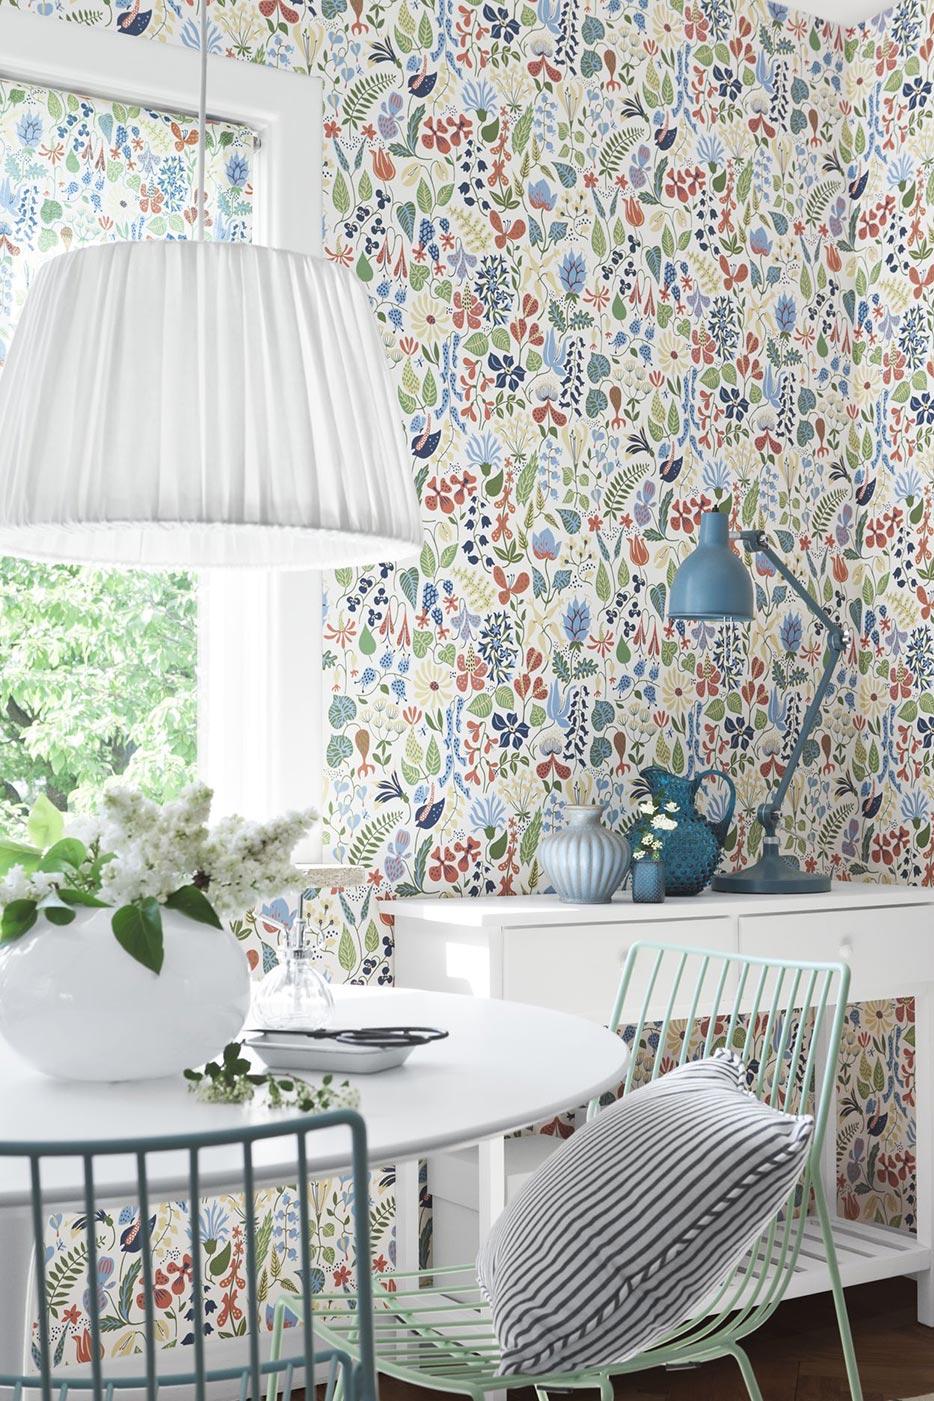 Inspiration - Få inspiration til dekoration af din væg